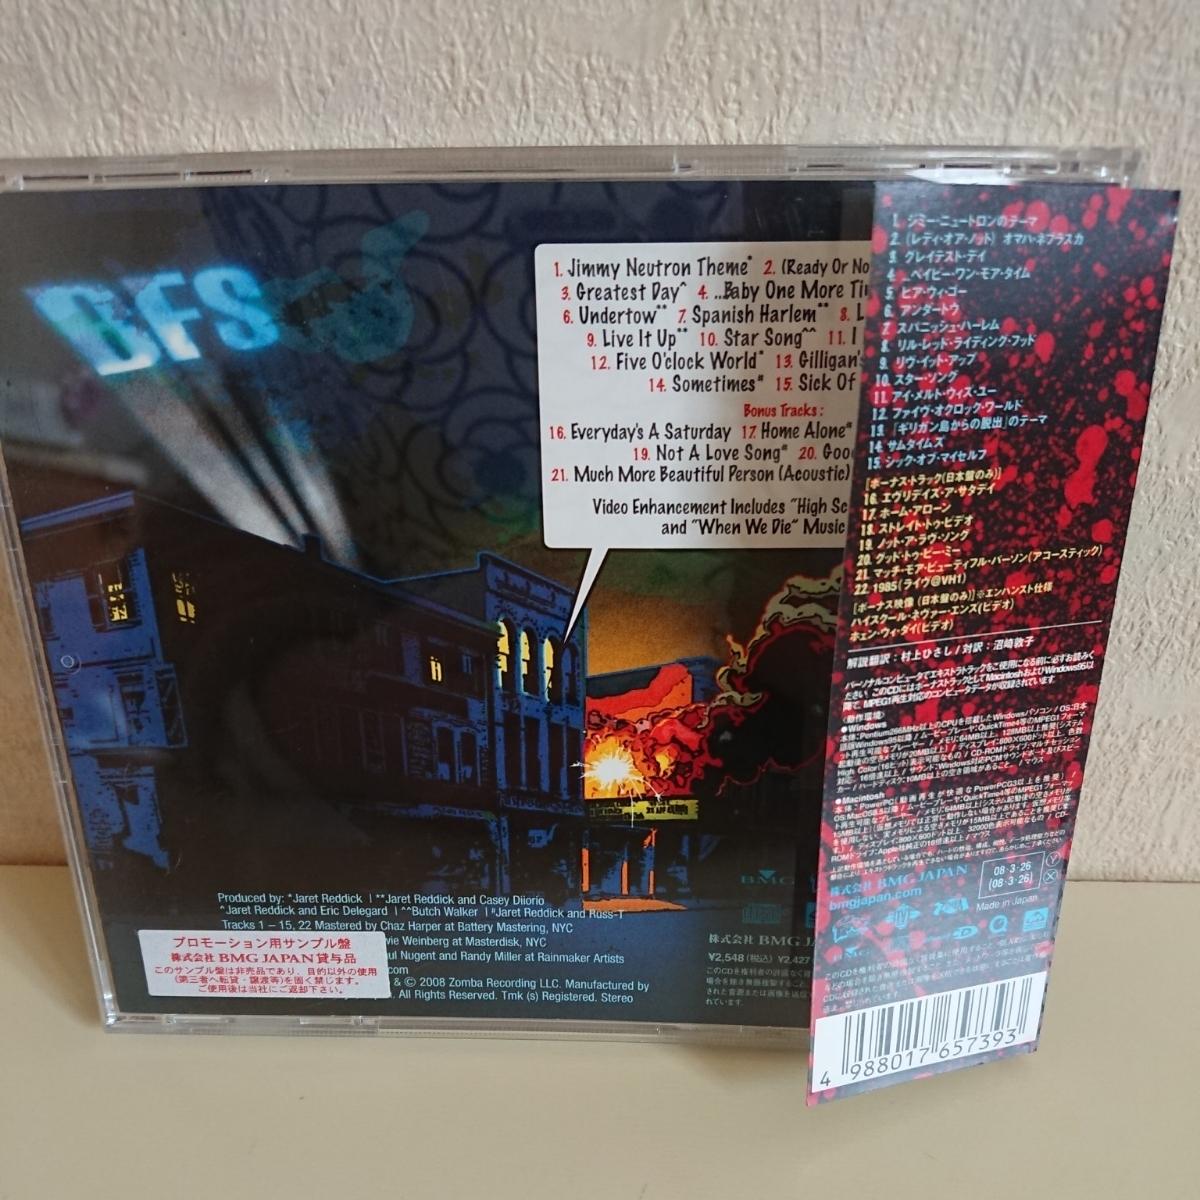 状態良好 CDアルバム「ゴートゥザムービー」ボウリングフォースープ ボーナストラック映像収録 日本盤 解説歌詞対訳_画像2